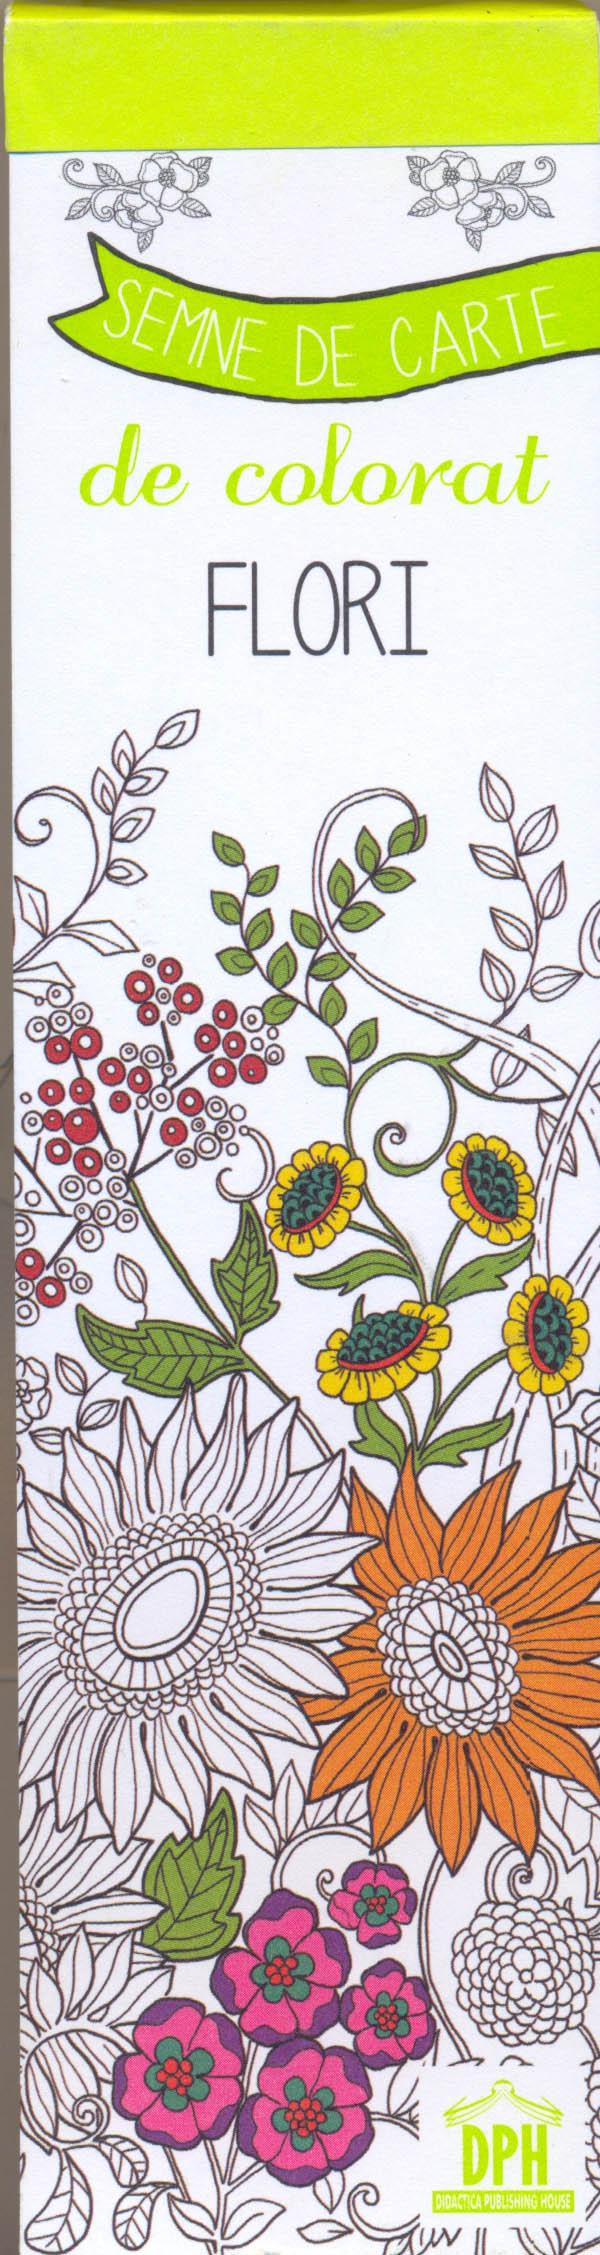 Colorez semnele mele de carte - Flori